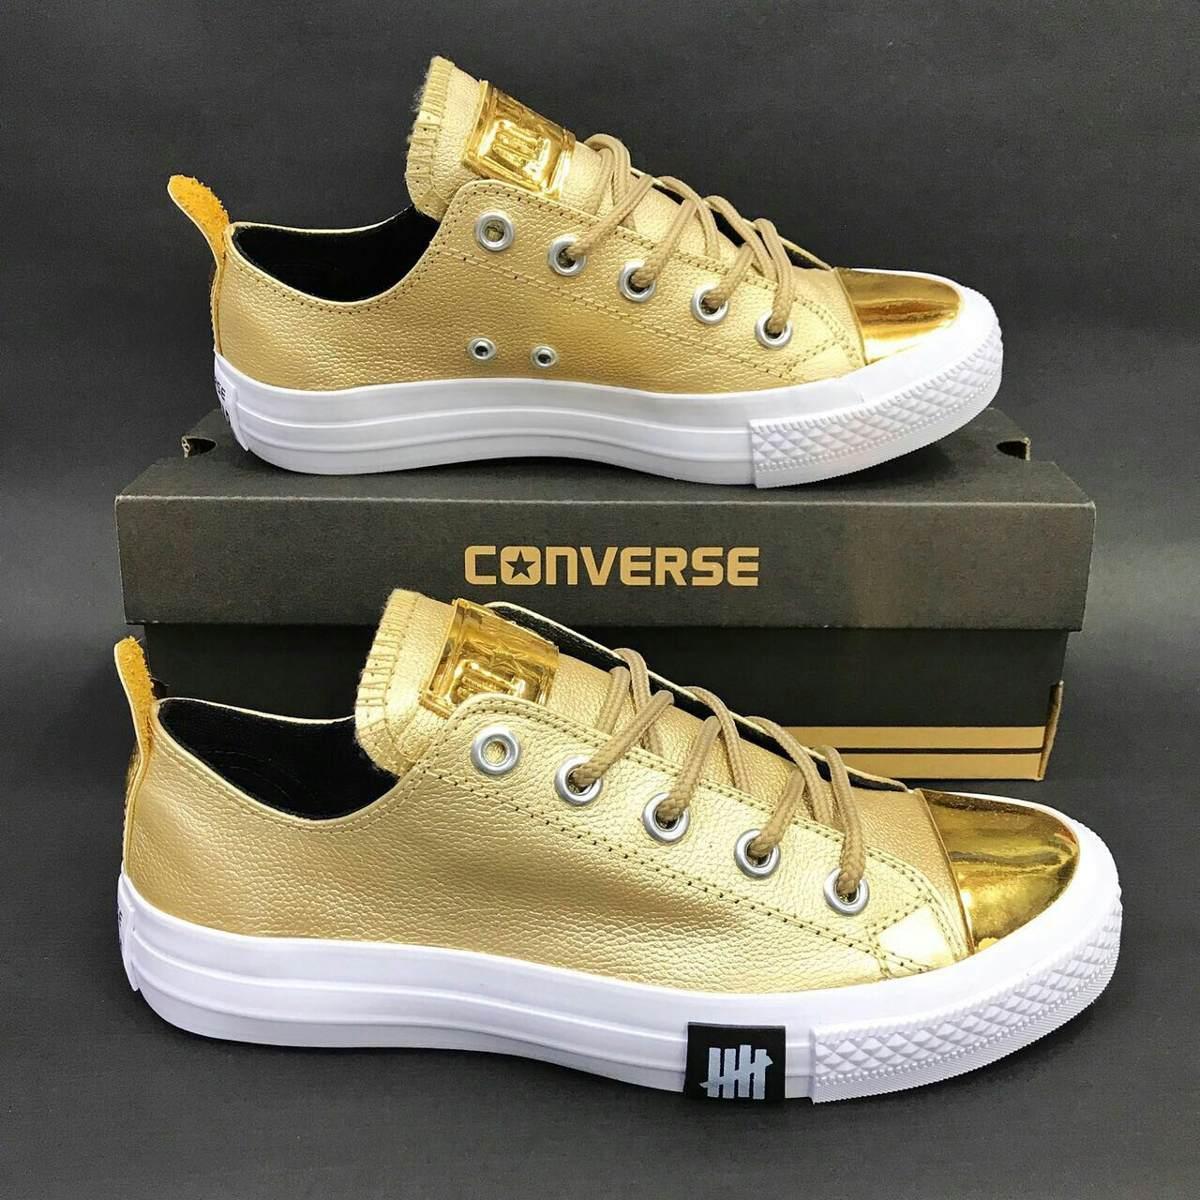 688d03a1 Tenis Zapatillas Converse Dorados Dama - $ 165.000 en Mercado Libre